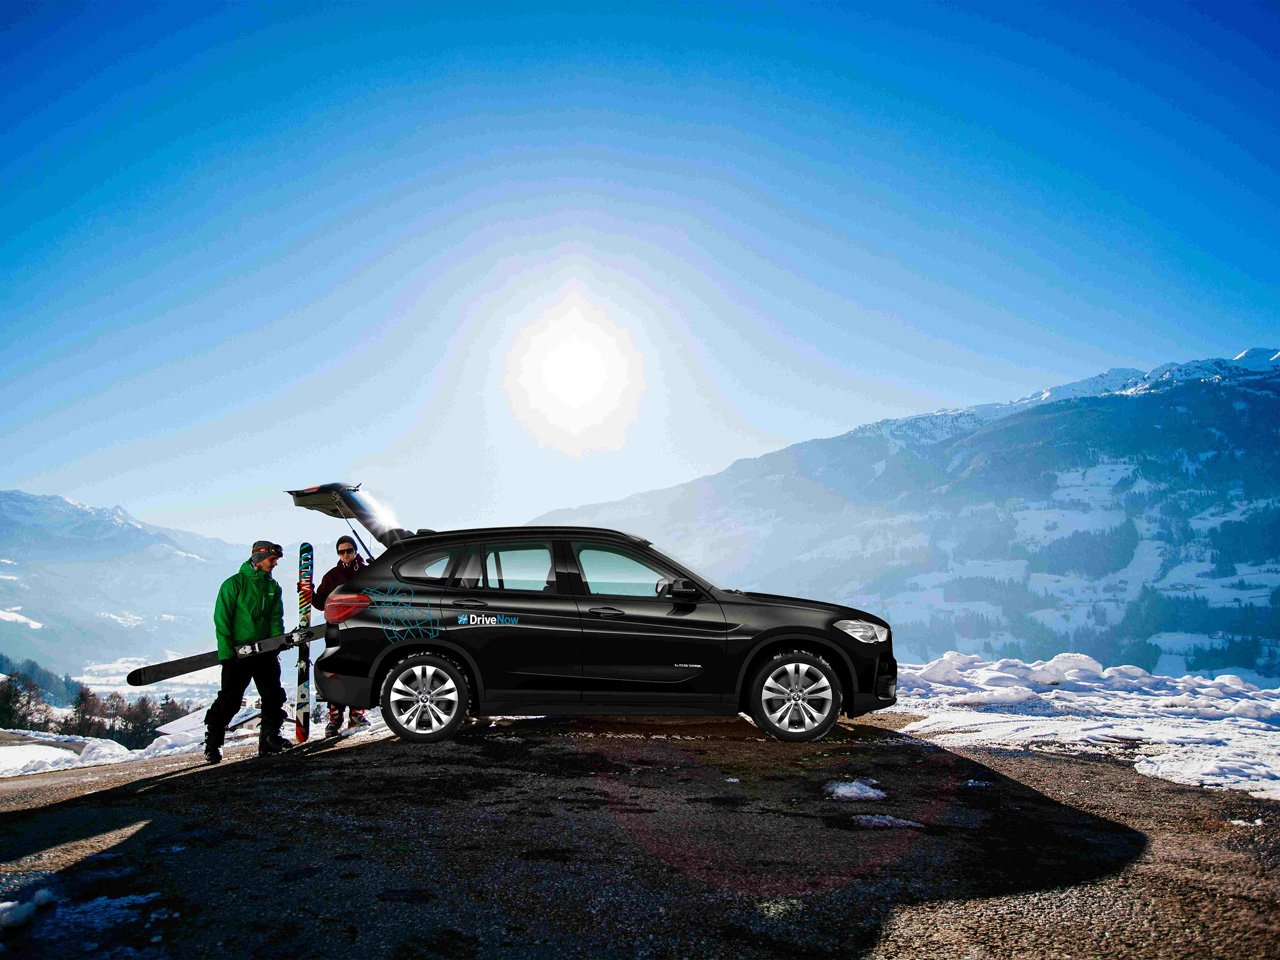 News – DriveNow: Einsteigen, buchen und ab in die Berge – mit Carsharing ins Hochzillertal und zurück